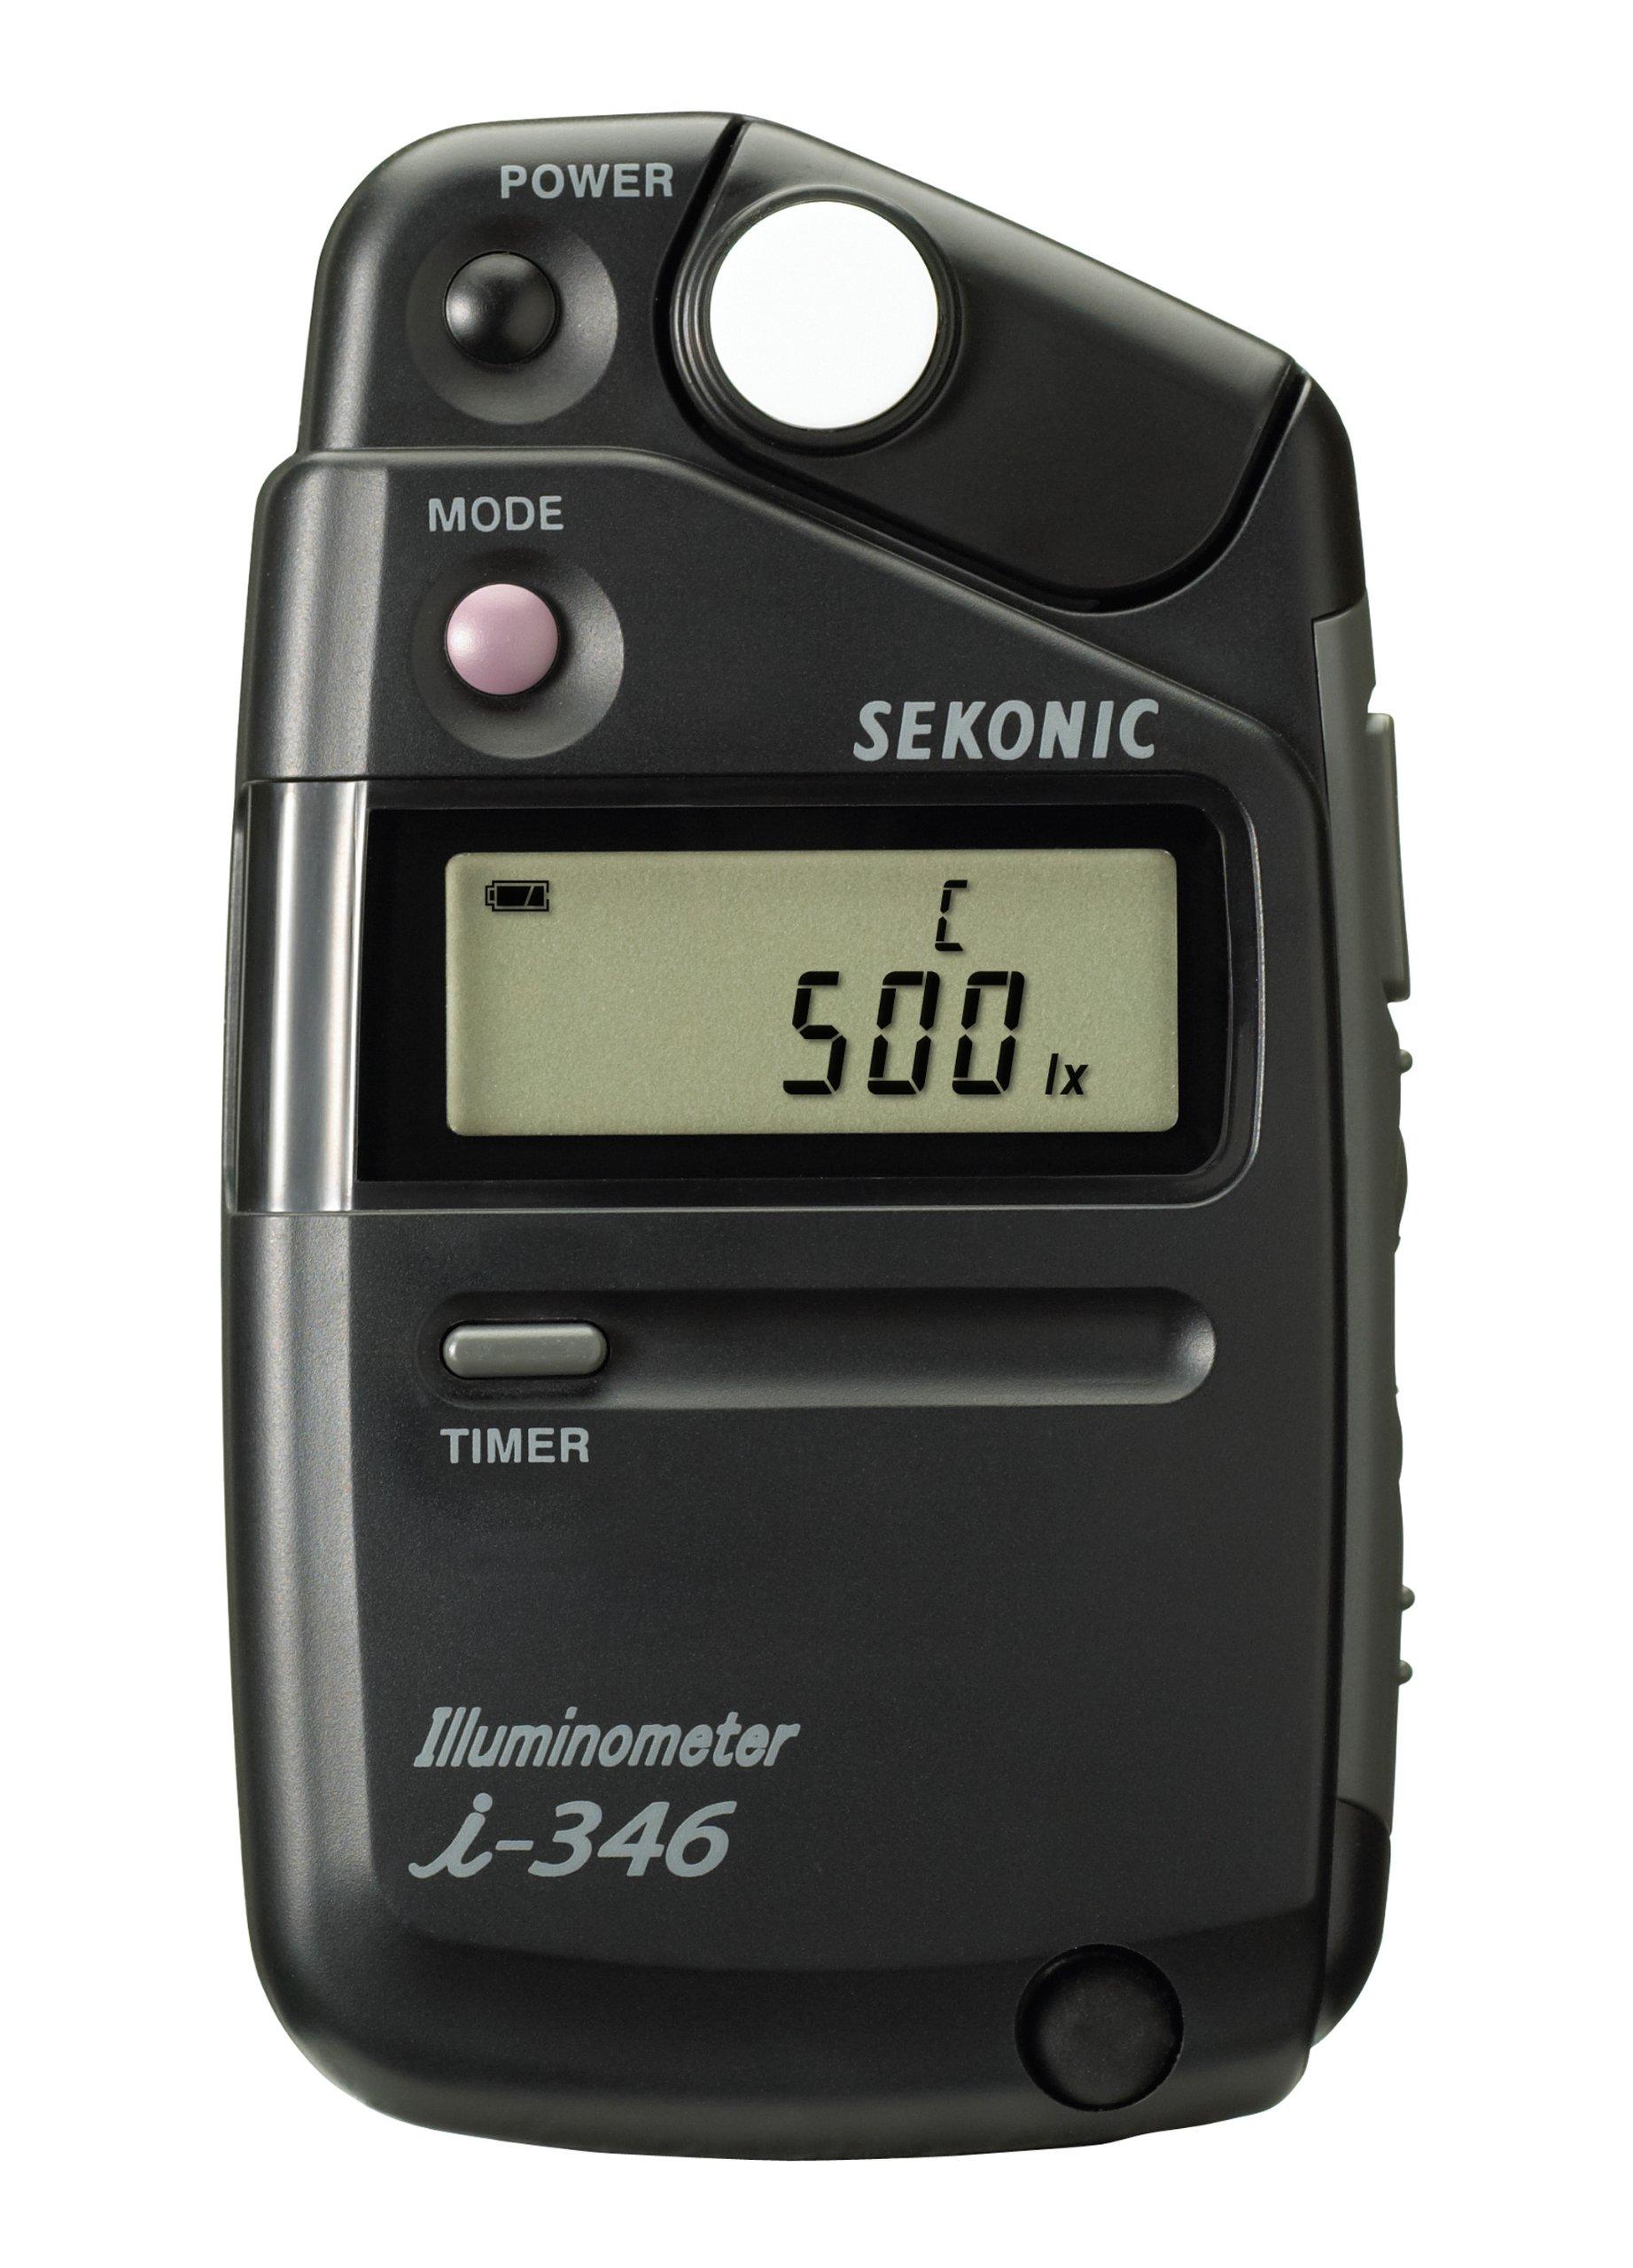 Sekonic 401-346 Illuminometer by Sekonic